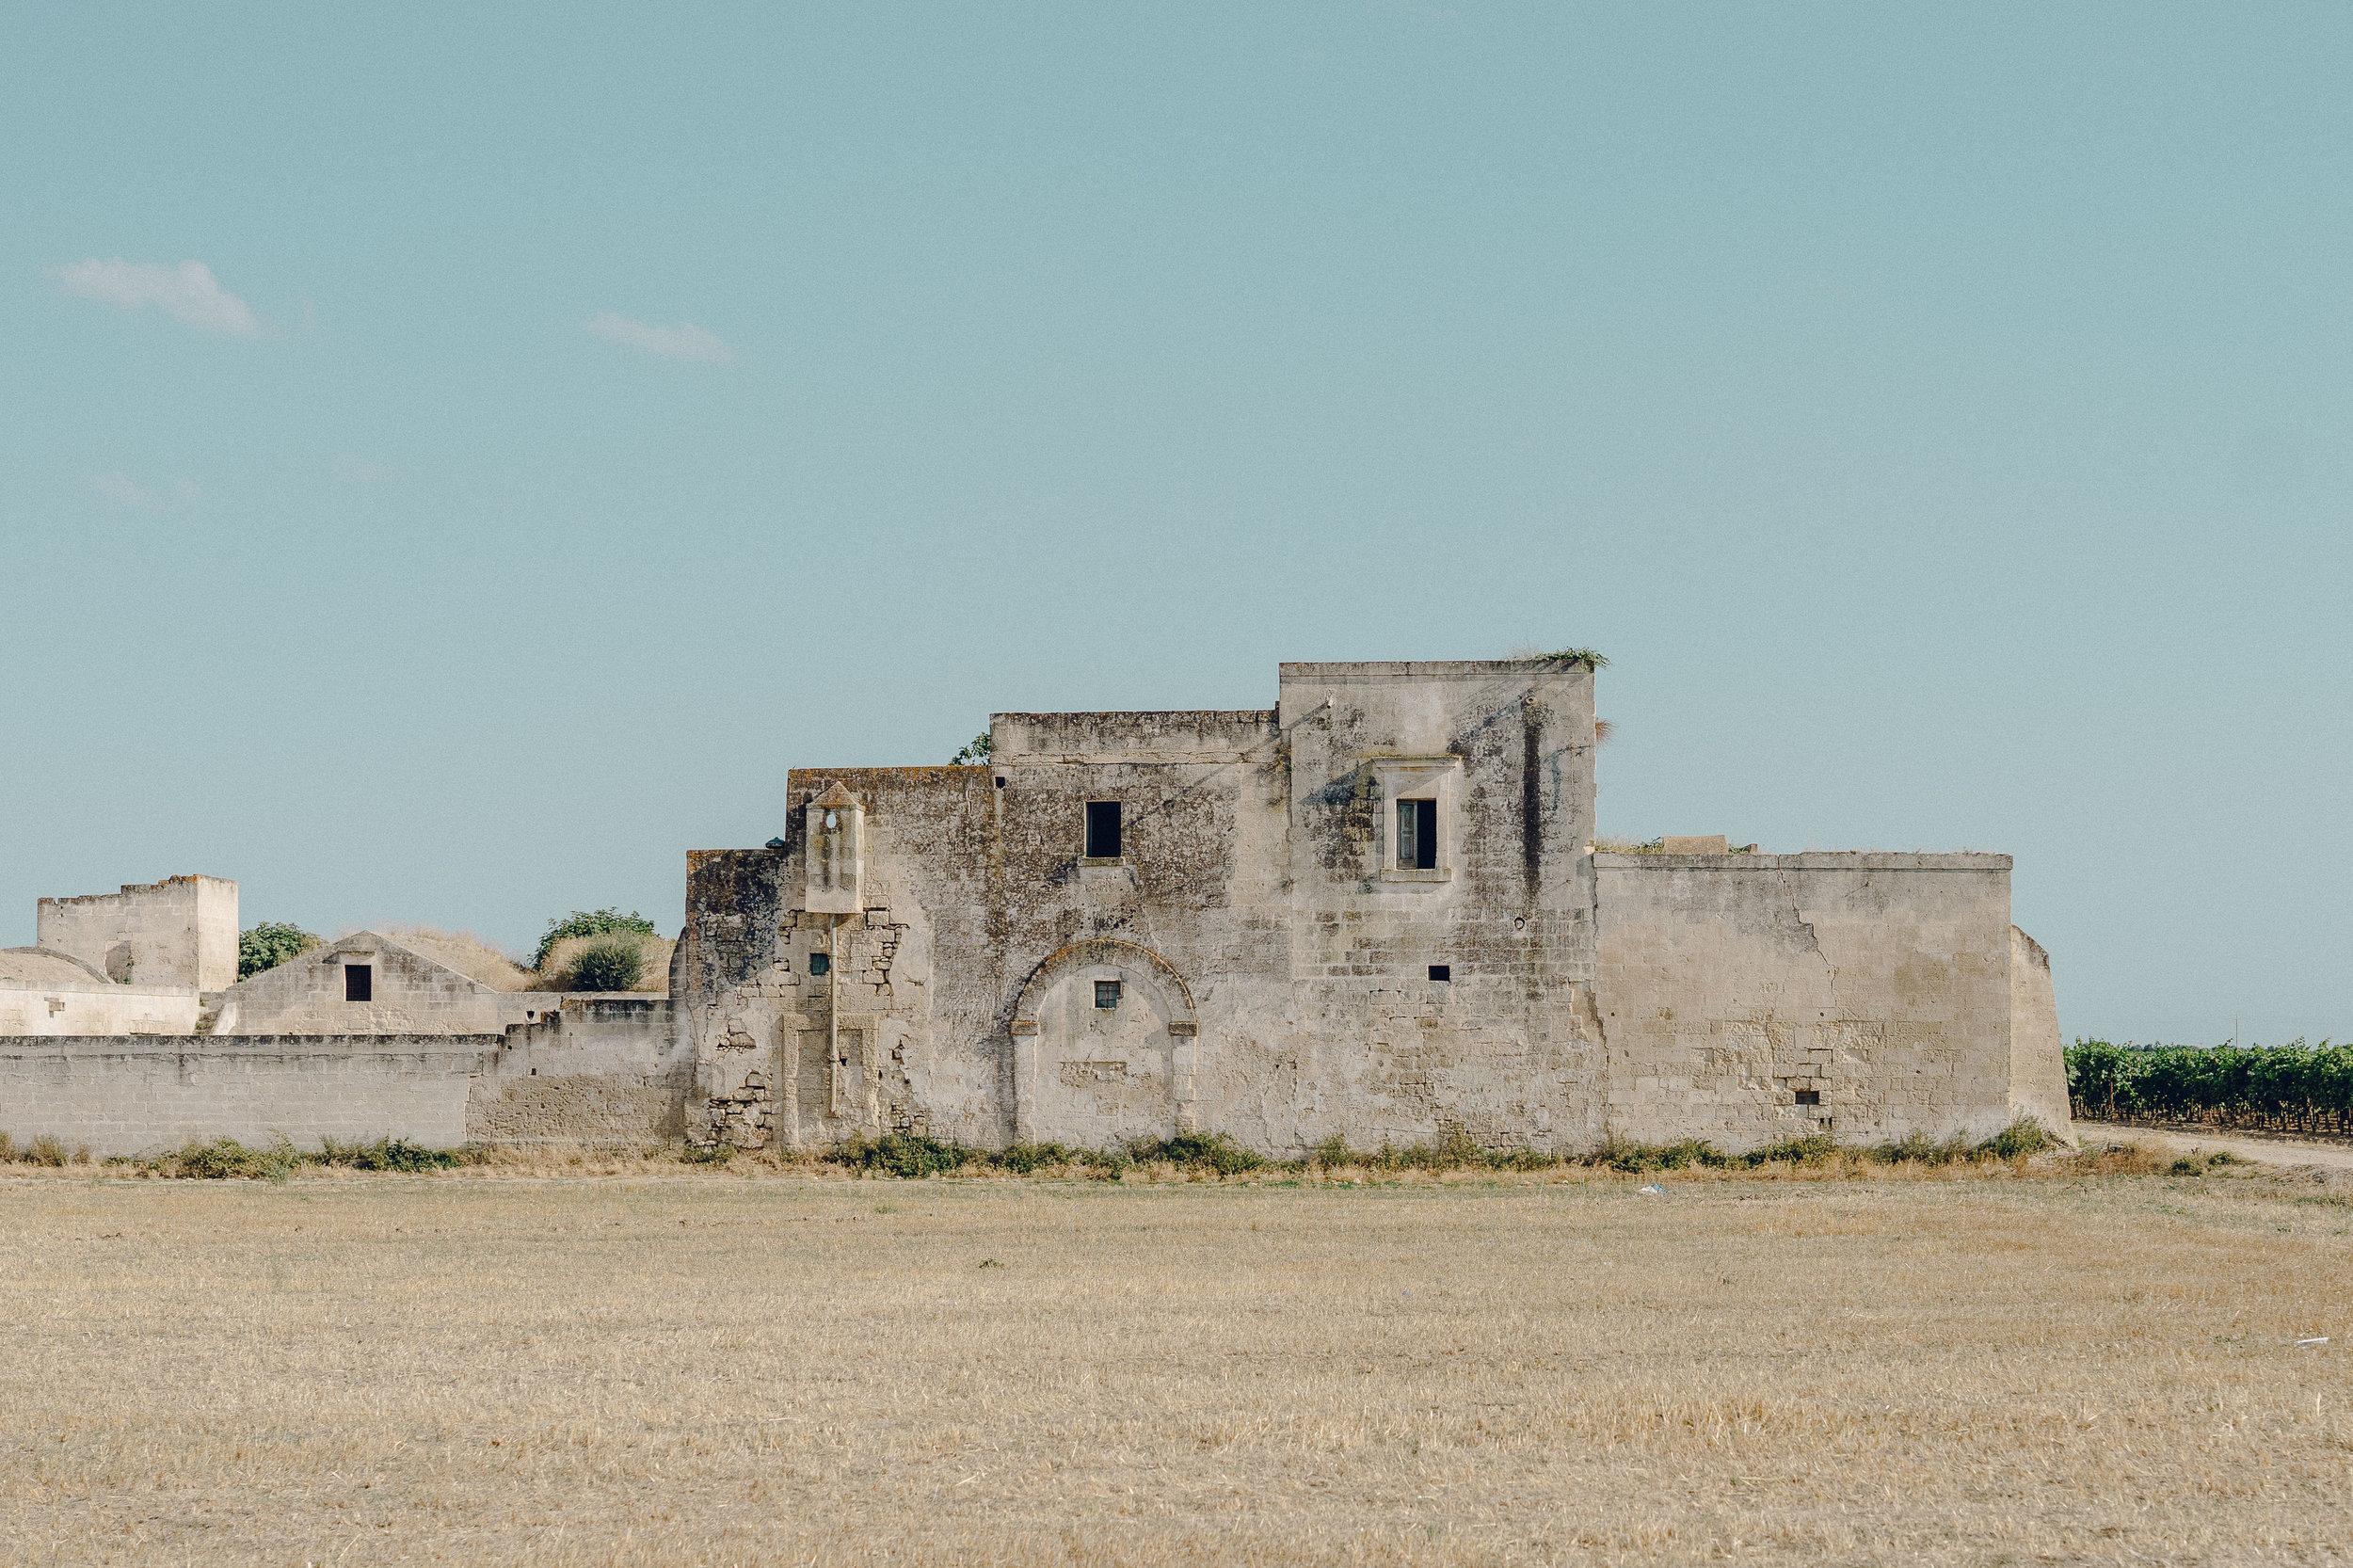 ASROSENVINGE_Roadtrip_Italy_Puglia_Abandoned_House_Farm-07177.jpg